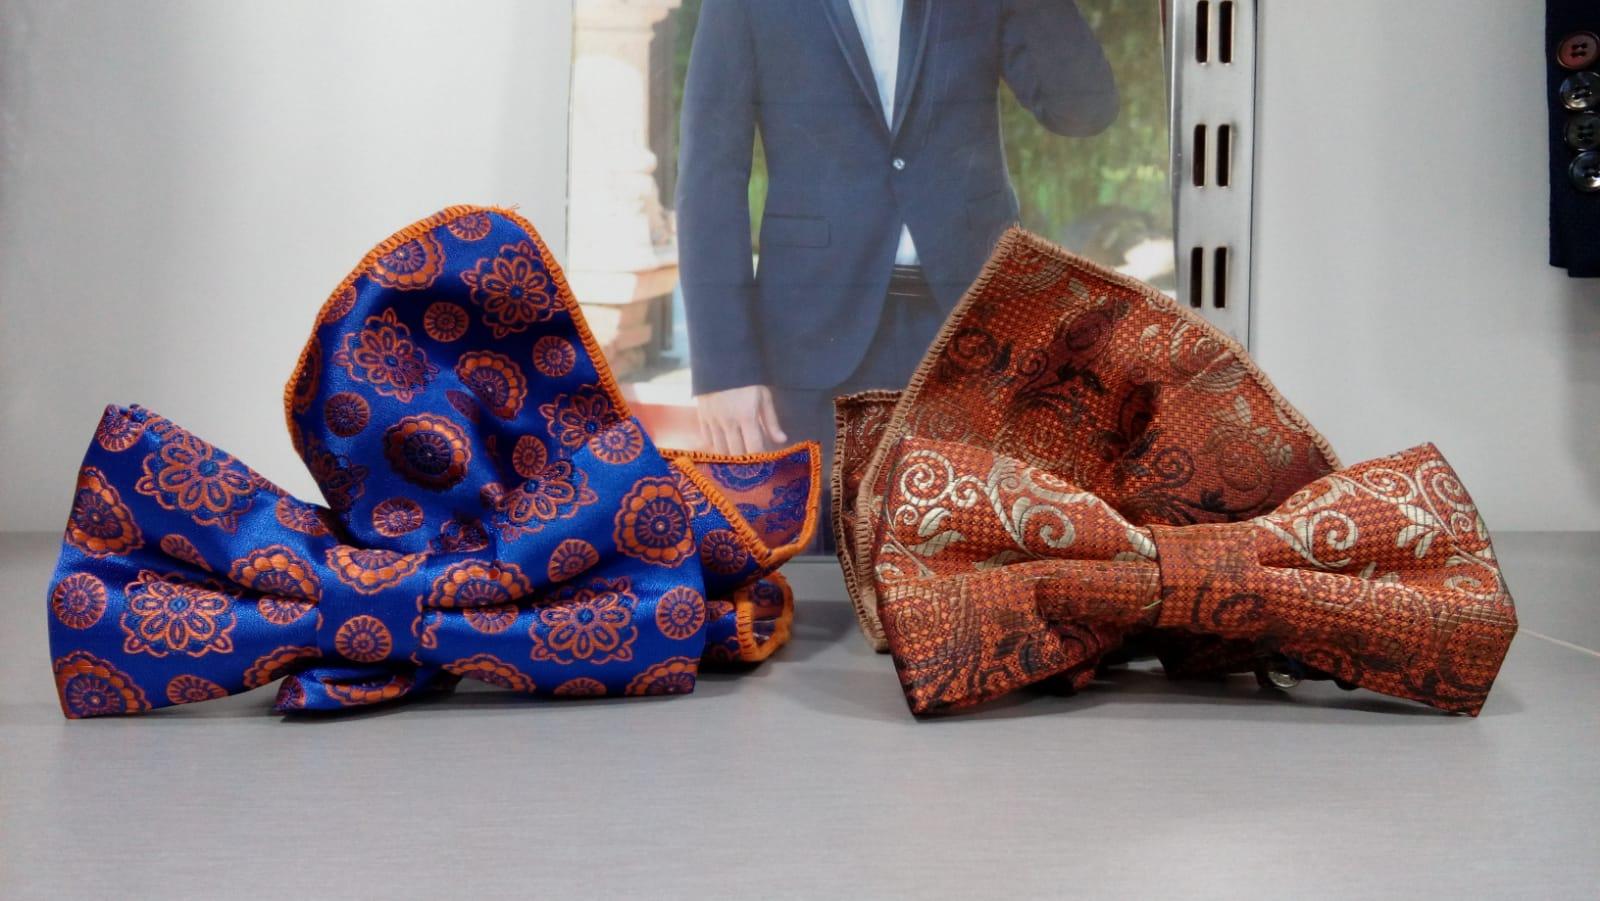 Os presentamos una muestra de la nueva colección de corbatas y pajaritas de  2019 para completar vuestros conjuntos 06c9c86eb196